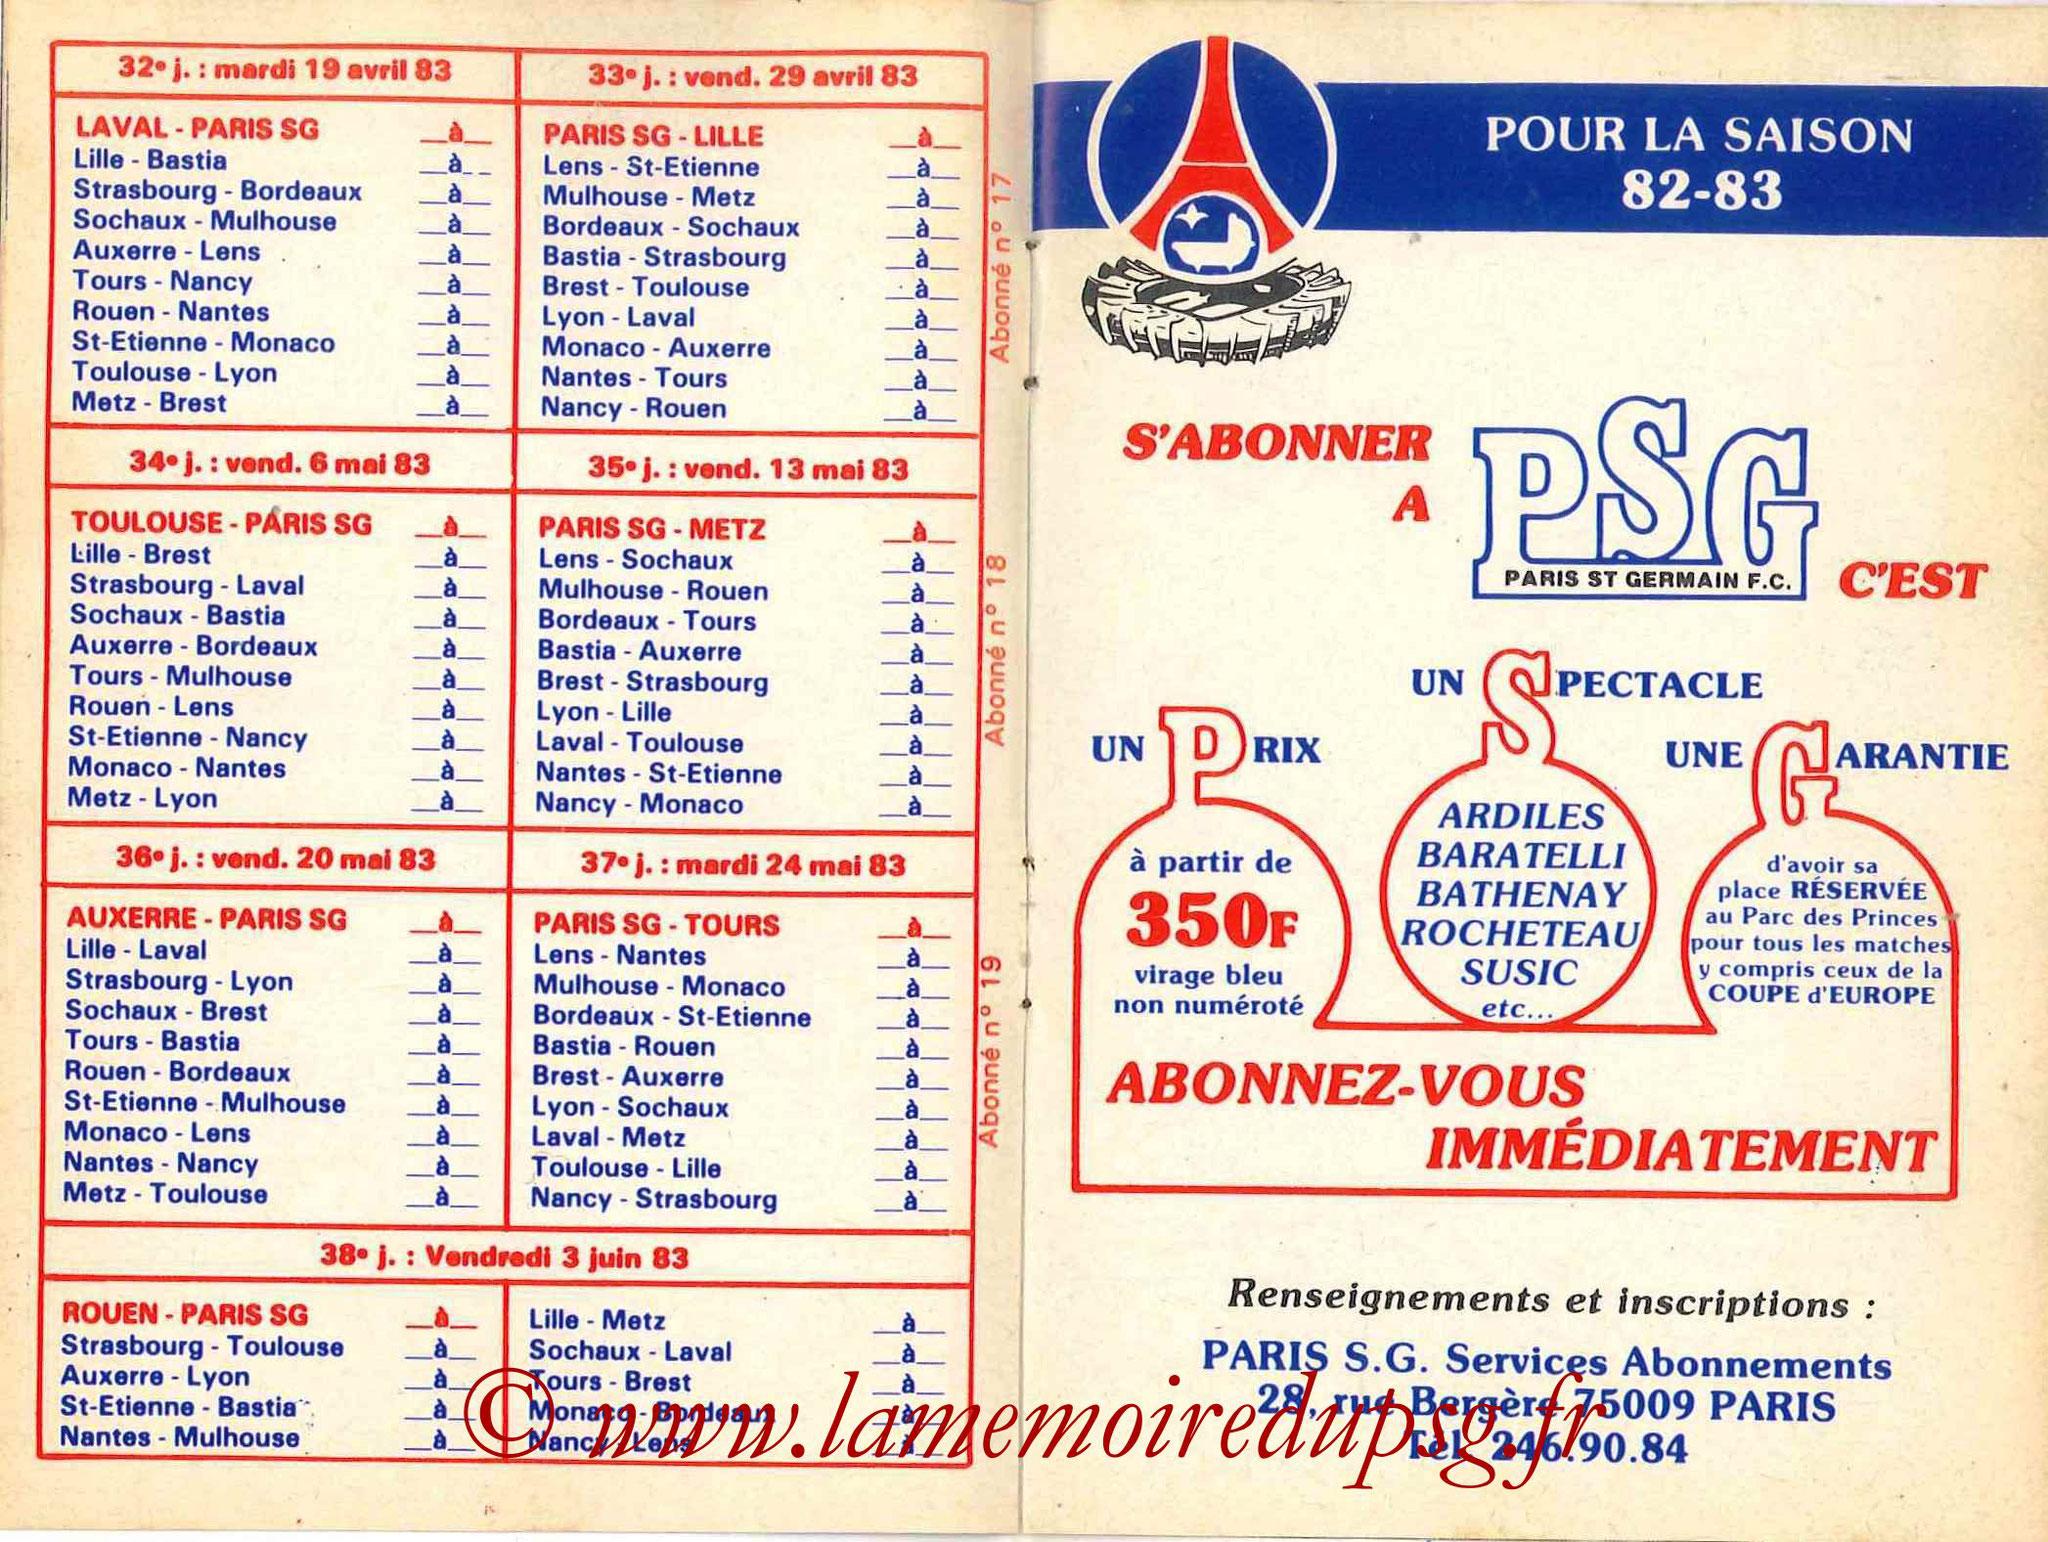 1982-83 - Guide de la Saison PSG - Pages 10 et 11